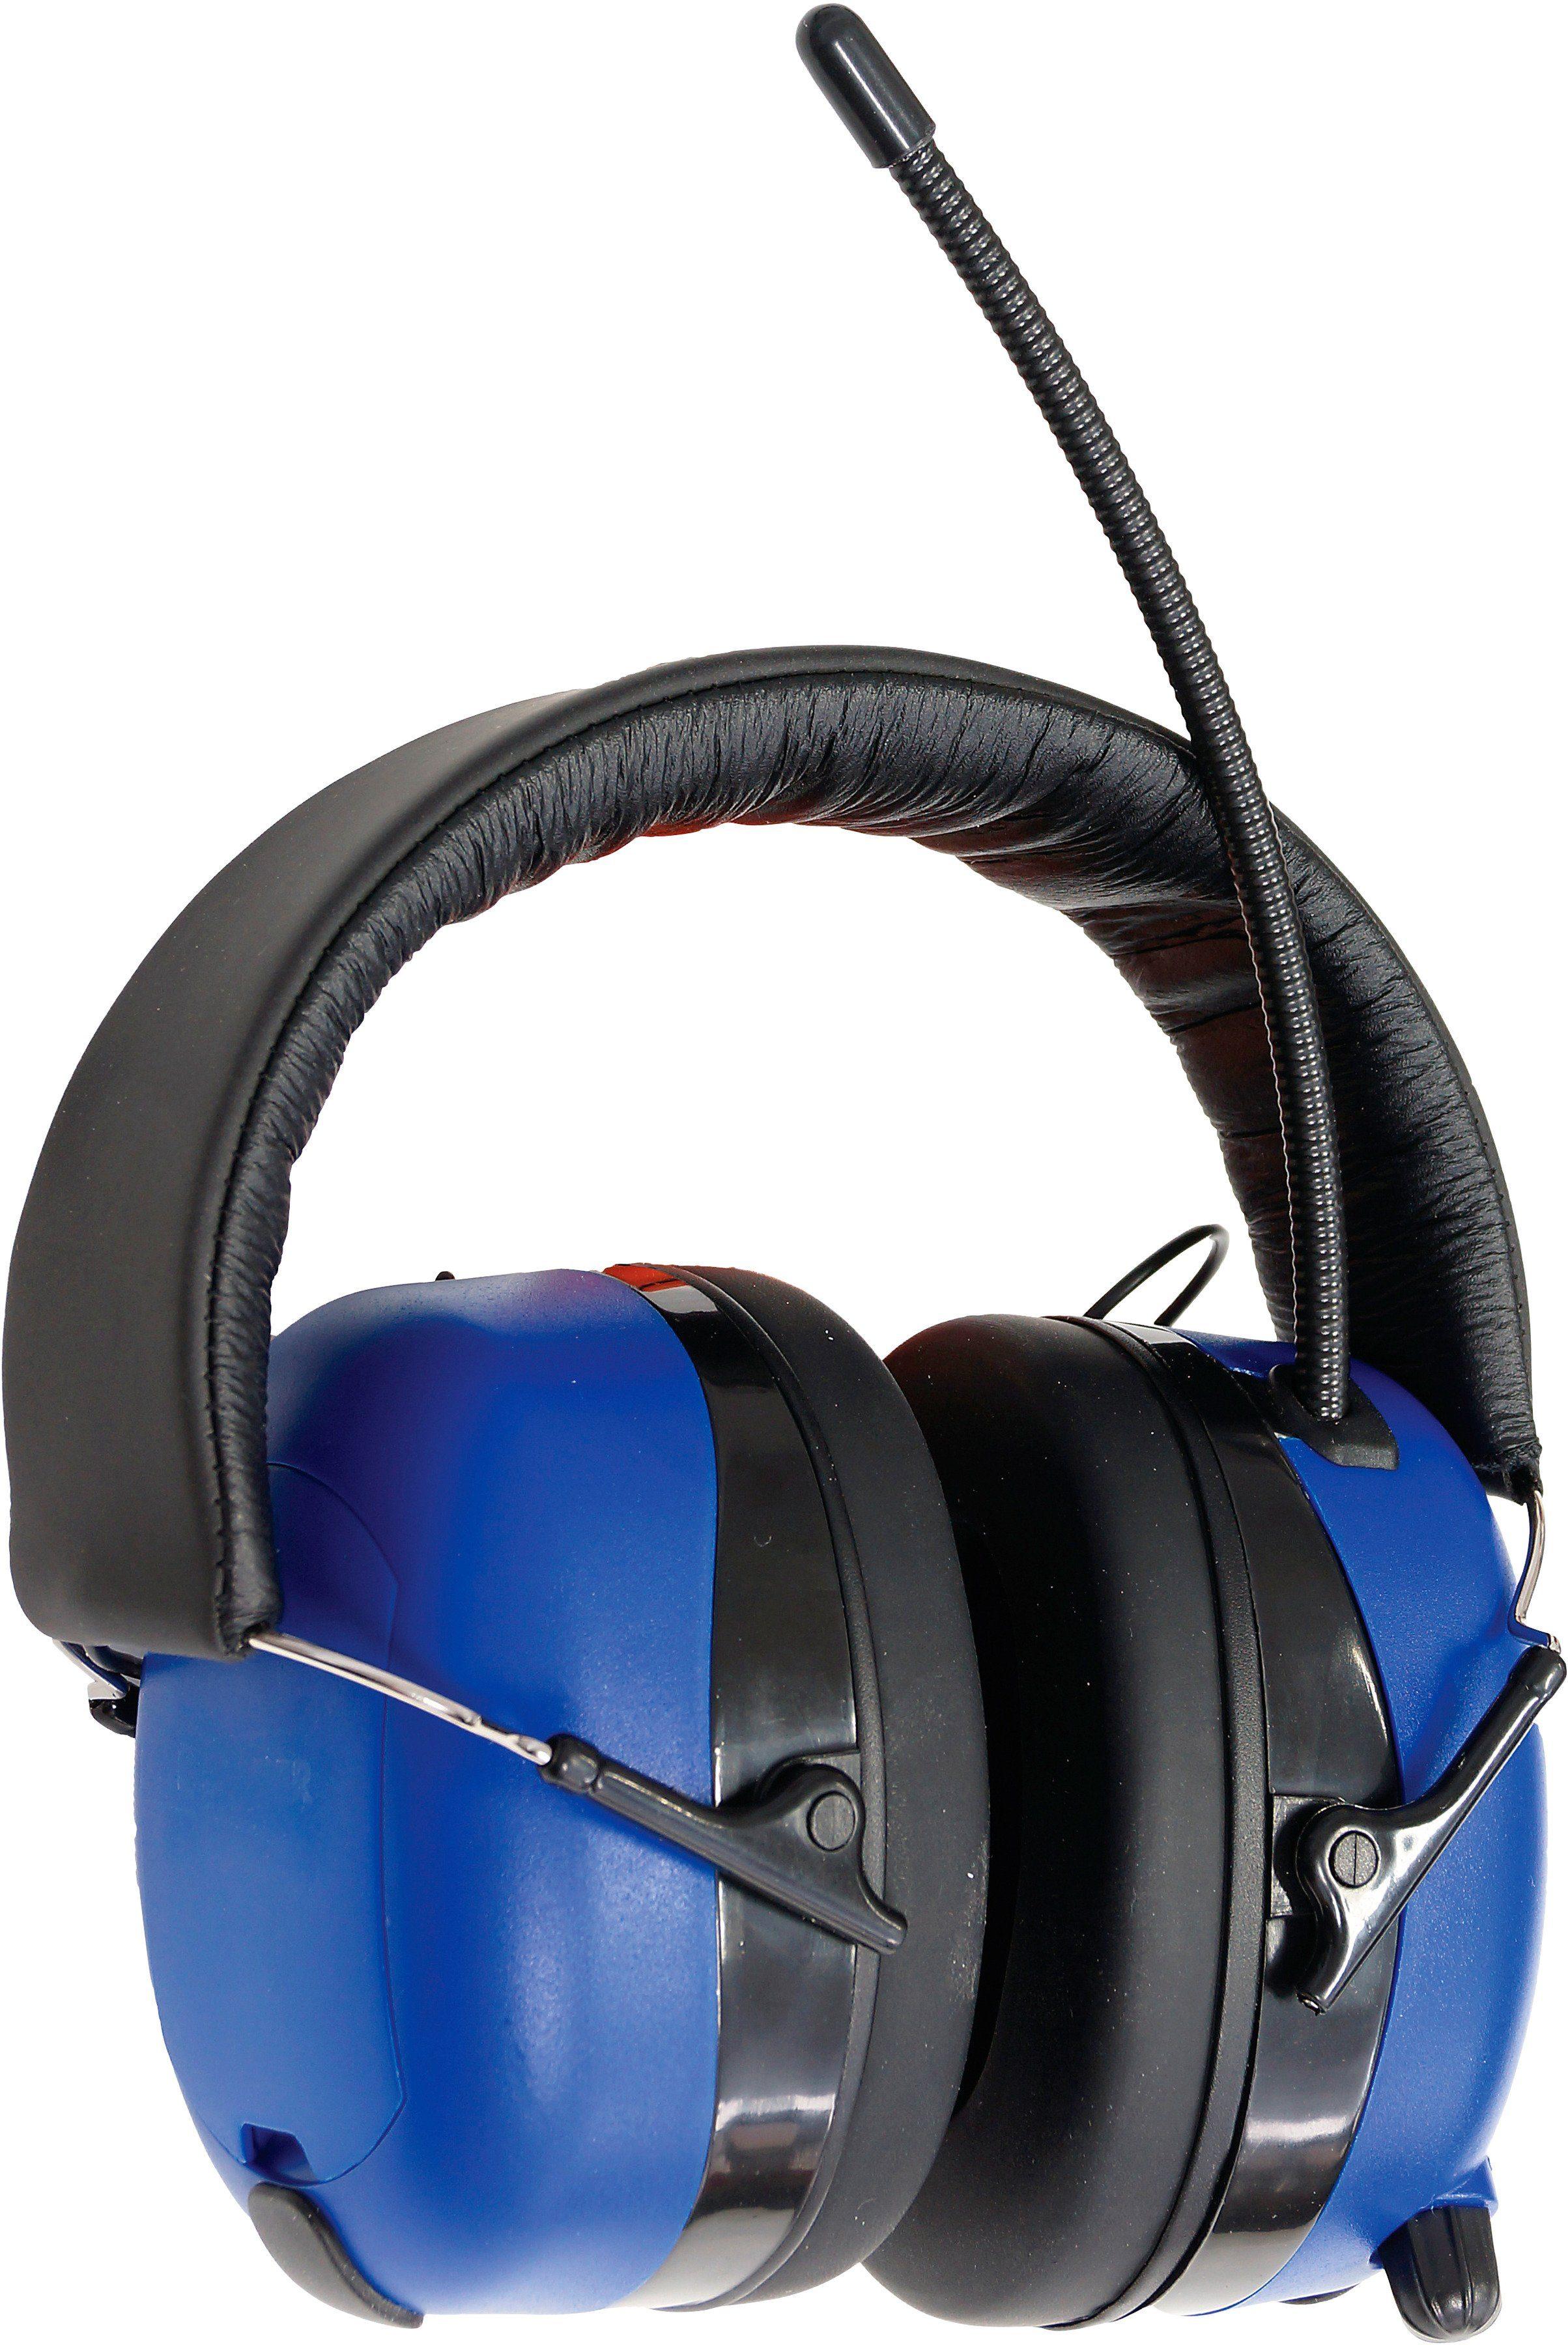 Connex Kapselgehörschutz »COXT938703«, mit Radio